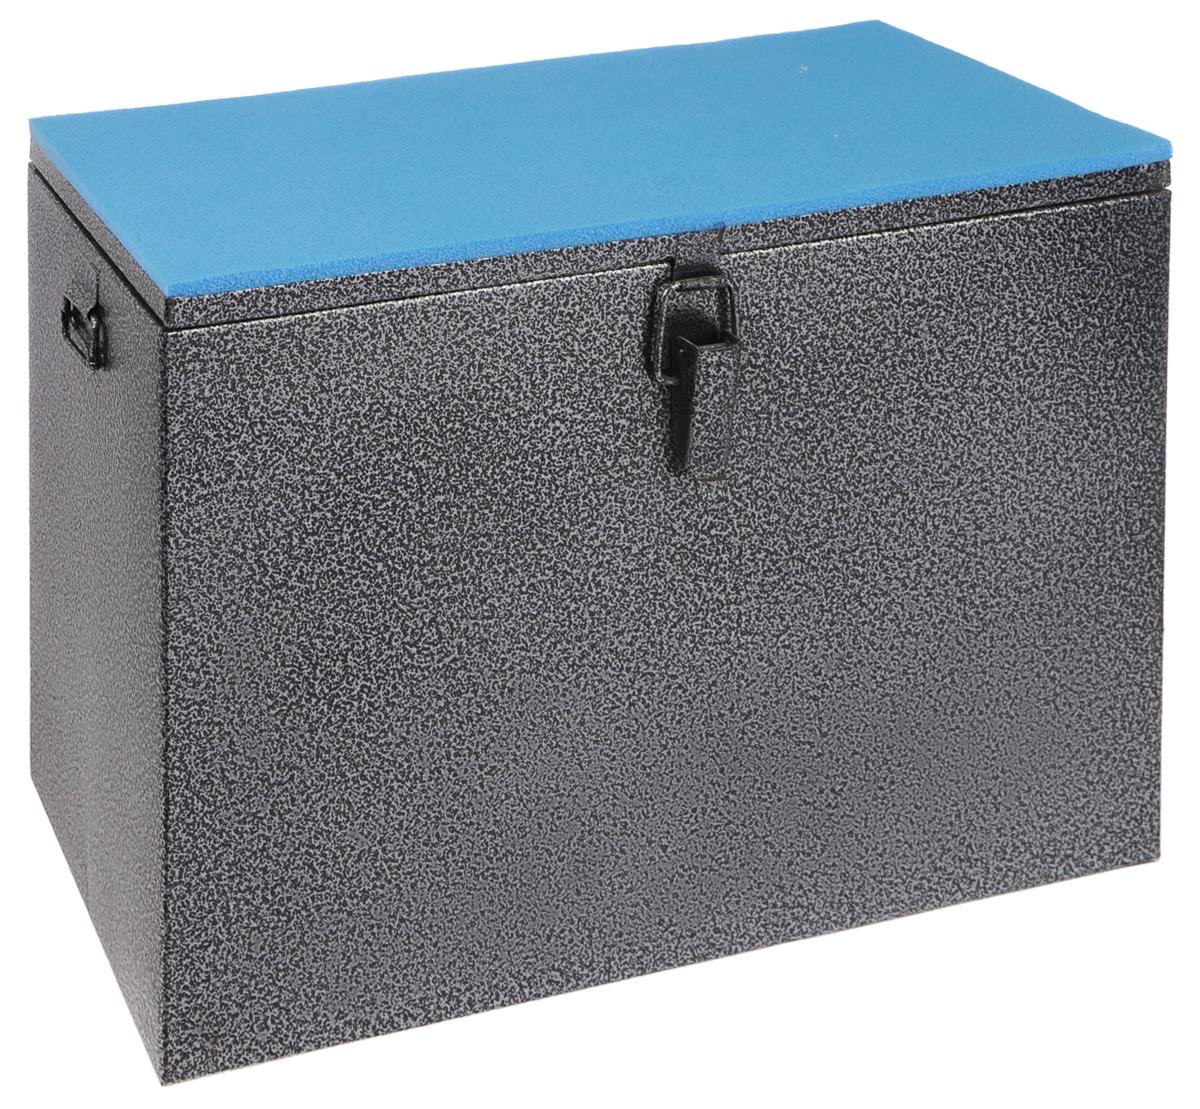 Ящик рыболова Рост, окрашенный, 40 см х 19 см х 29 см26729Прочный и надежный ящик Рост сможет не один год прослужить любителю зимней рыбалки для транспортировки снастей и улова. Корпус изготовлен из листовой окрашенной стали. Служащая сиденьем верхняя часть крышки оклеена плотным теплоизолятором - пенополиэтиленом с рифленой поверхностью. Внутренний объем ящика разделен перегородкой, придающей конструкции дополнительную жесткость. Боковые стенки емкости снабжены петлями для крепления идущего в комплекте плечевого ремня.